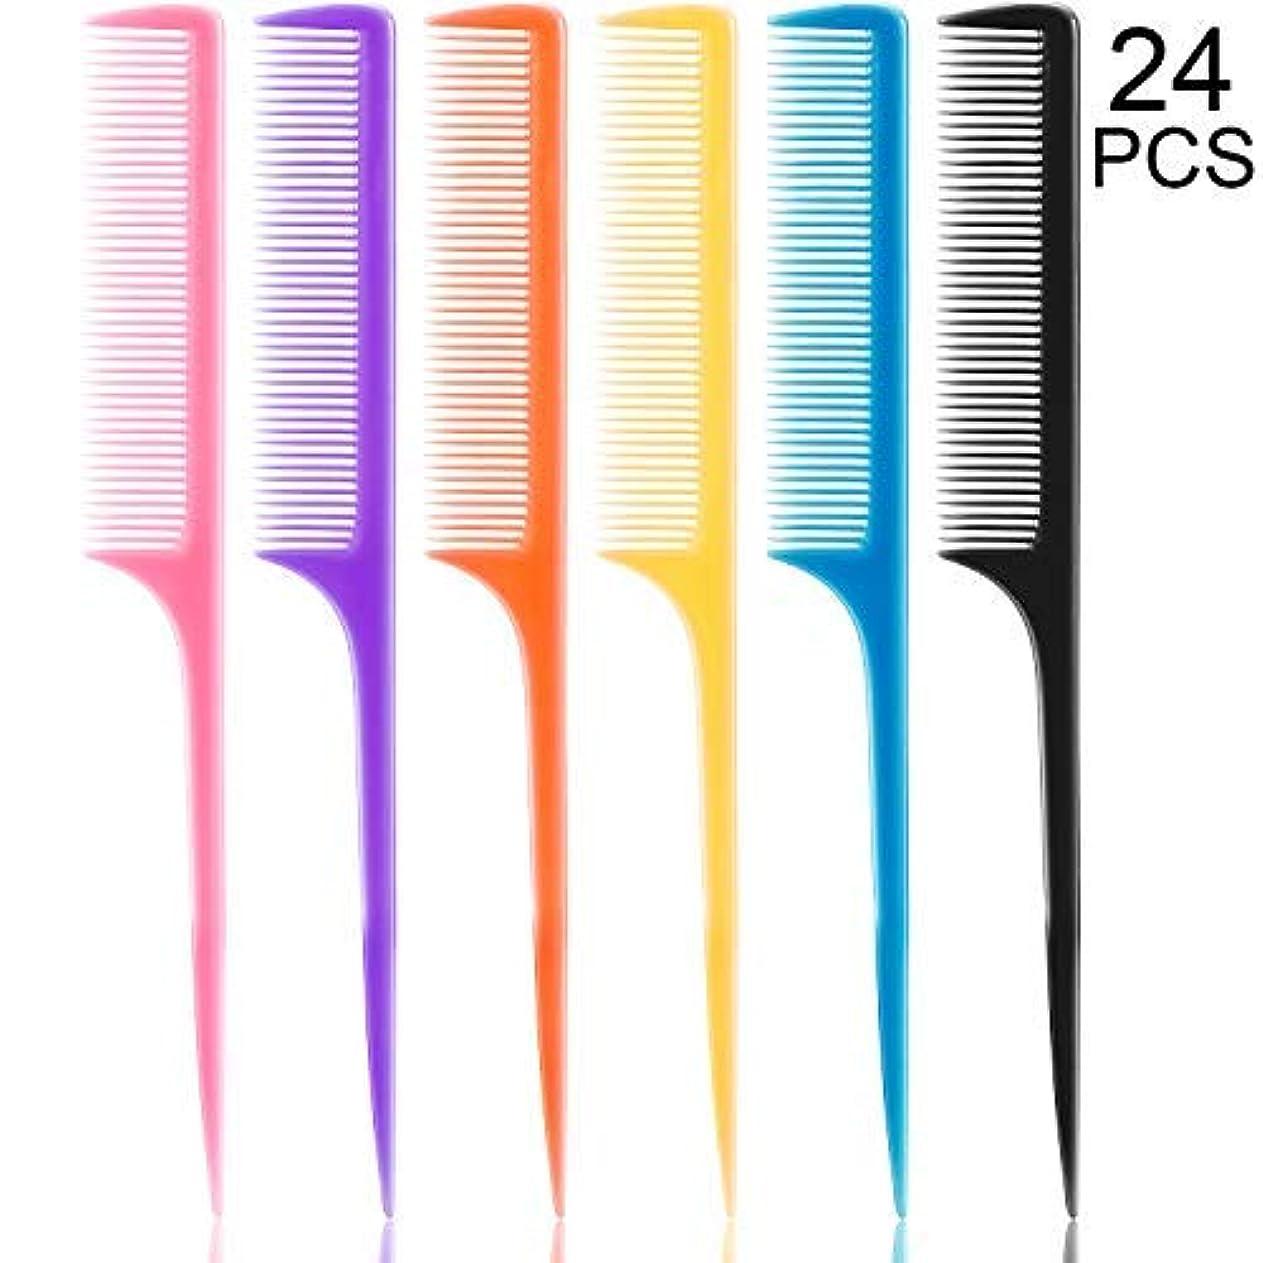 バーマド蒸し器進む24 Pieces Plastic Rat Tail Combs 8.5 Inch Fine-tooth Hair Combs Pin Tail Hair Styling Combs with Thin and Long...